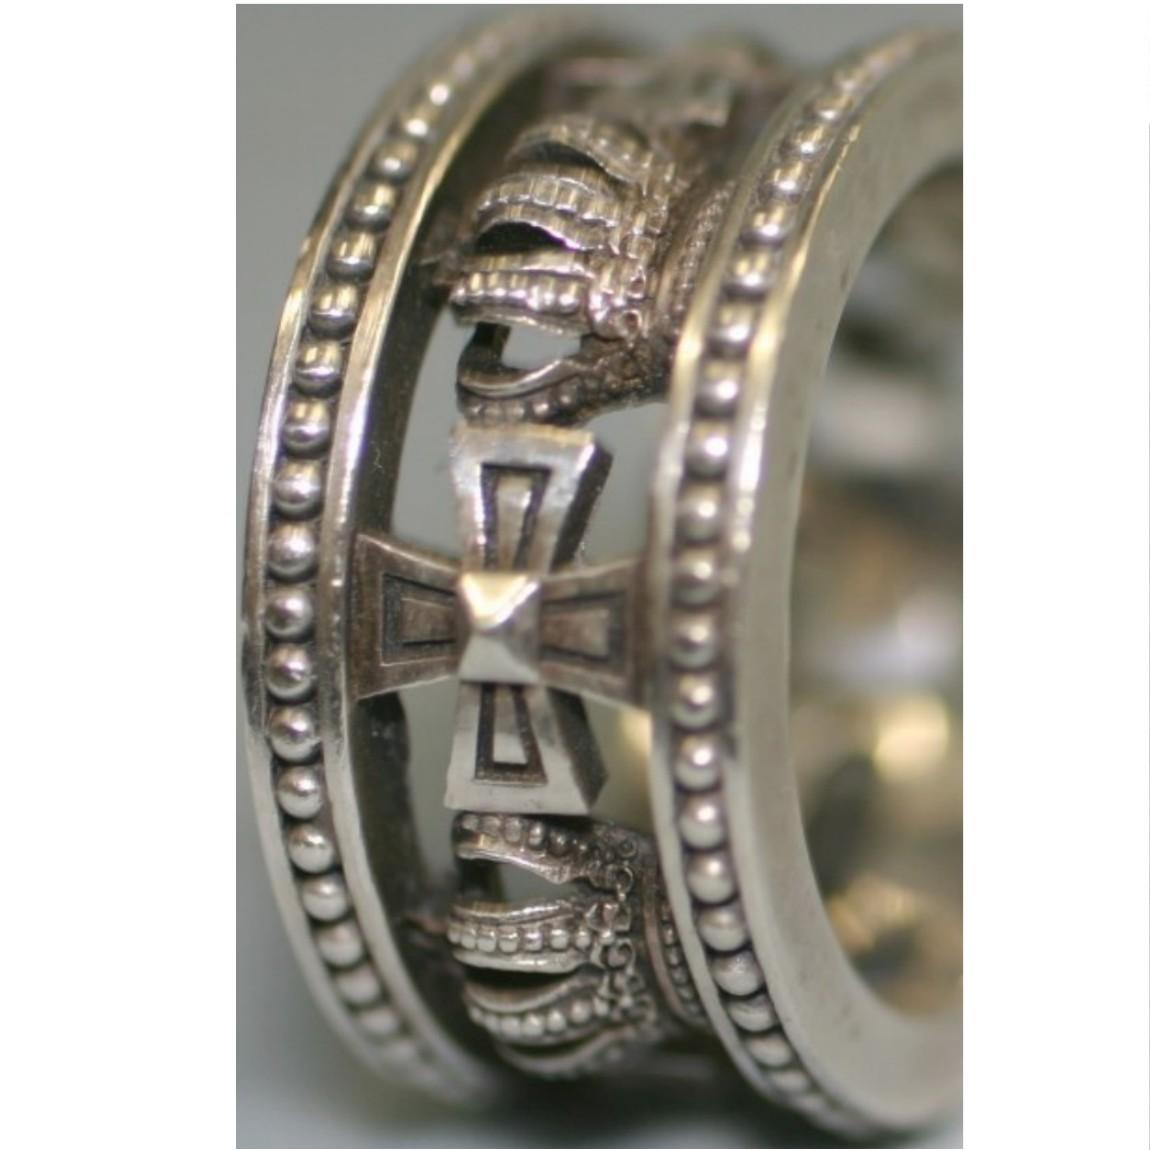 【中古】本物ジャスティンディビスワイルドなSV925指輪サイズ18,5cm位 光り輝いています ○B8-23